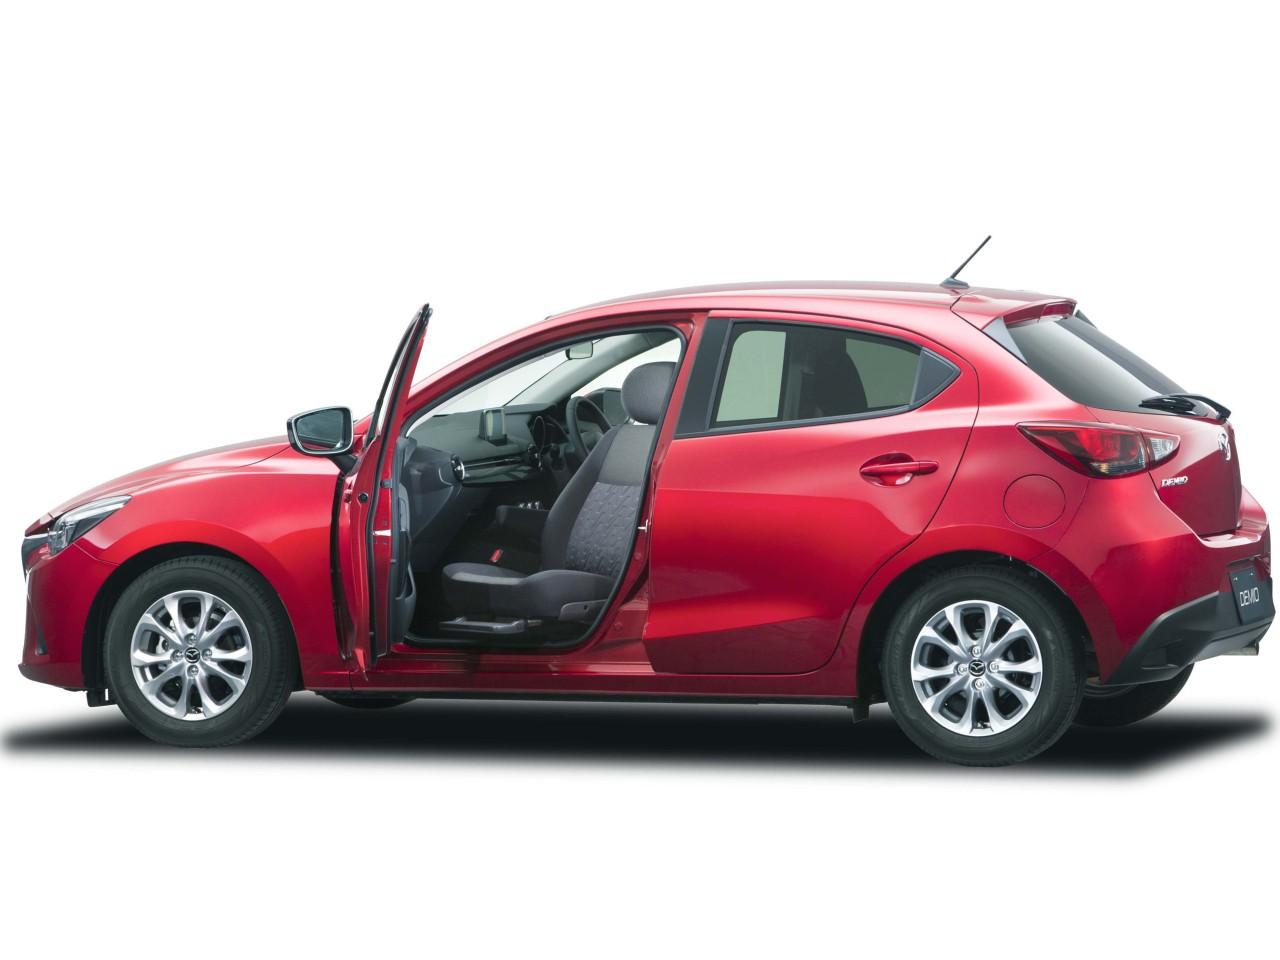 マツダ デミオ 福祉車両 2015年モデル 新車画像